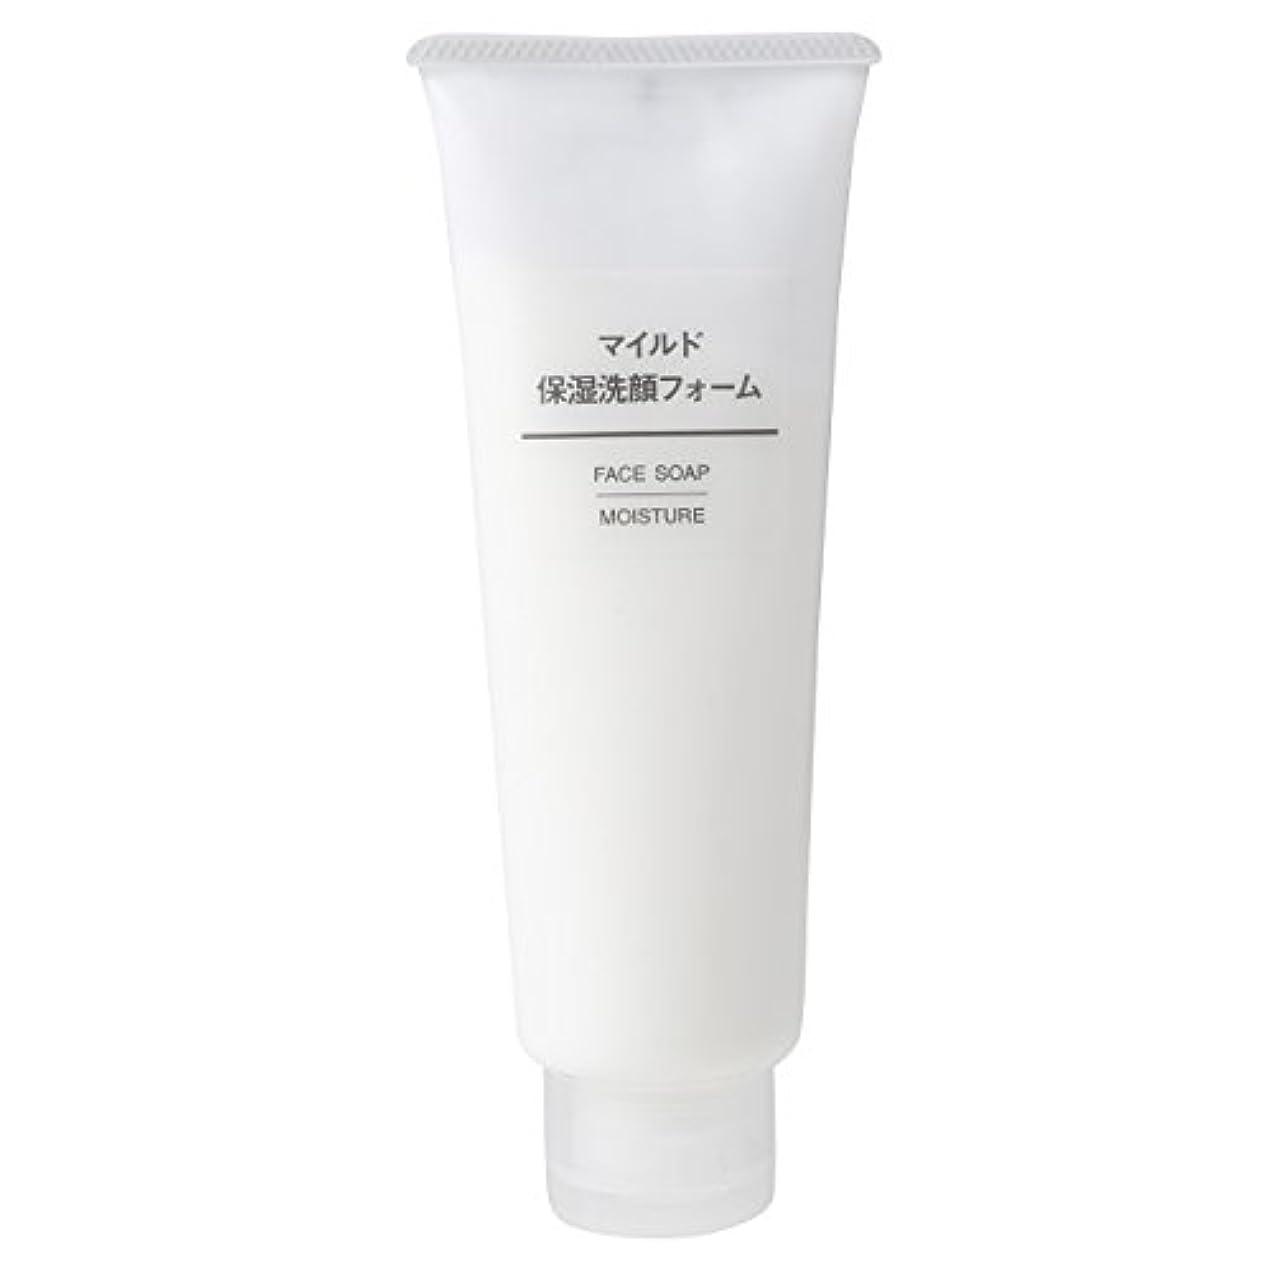 ワーム出費クリップ無印良品 マイルド保湿洗顔フォーム 120g